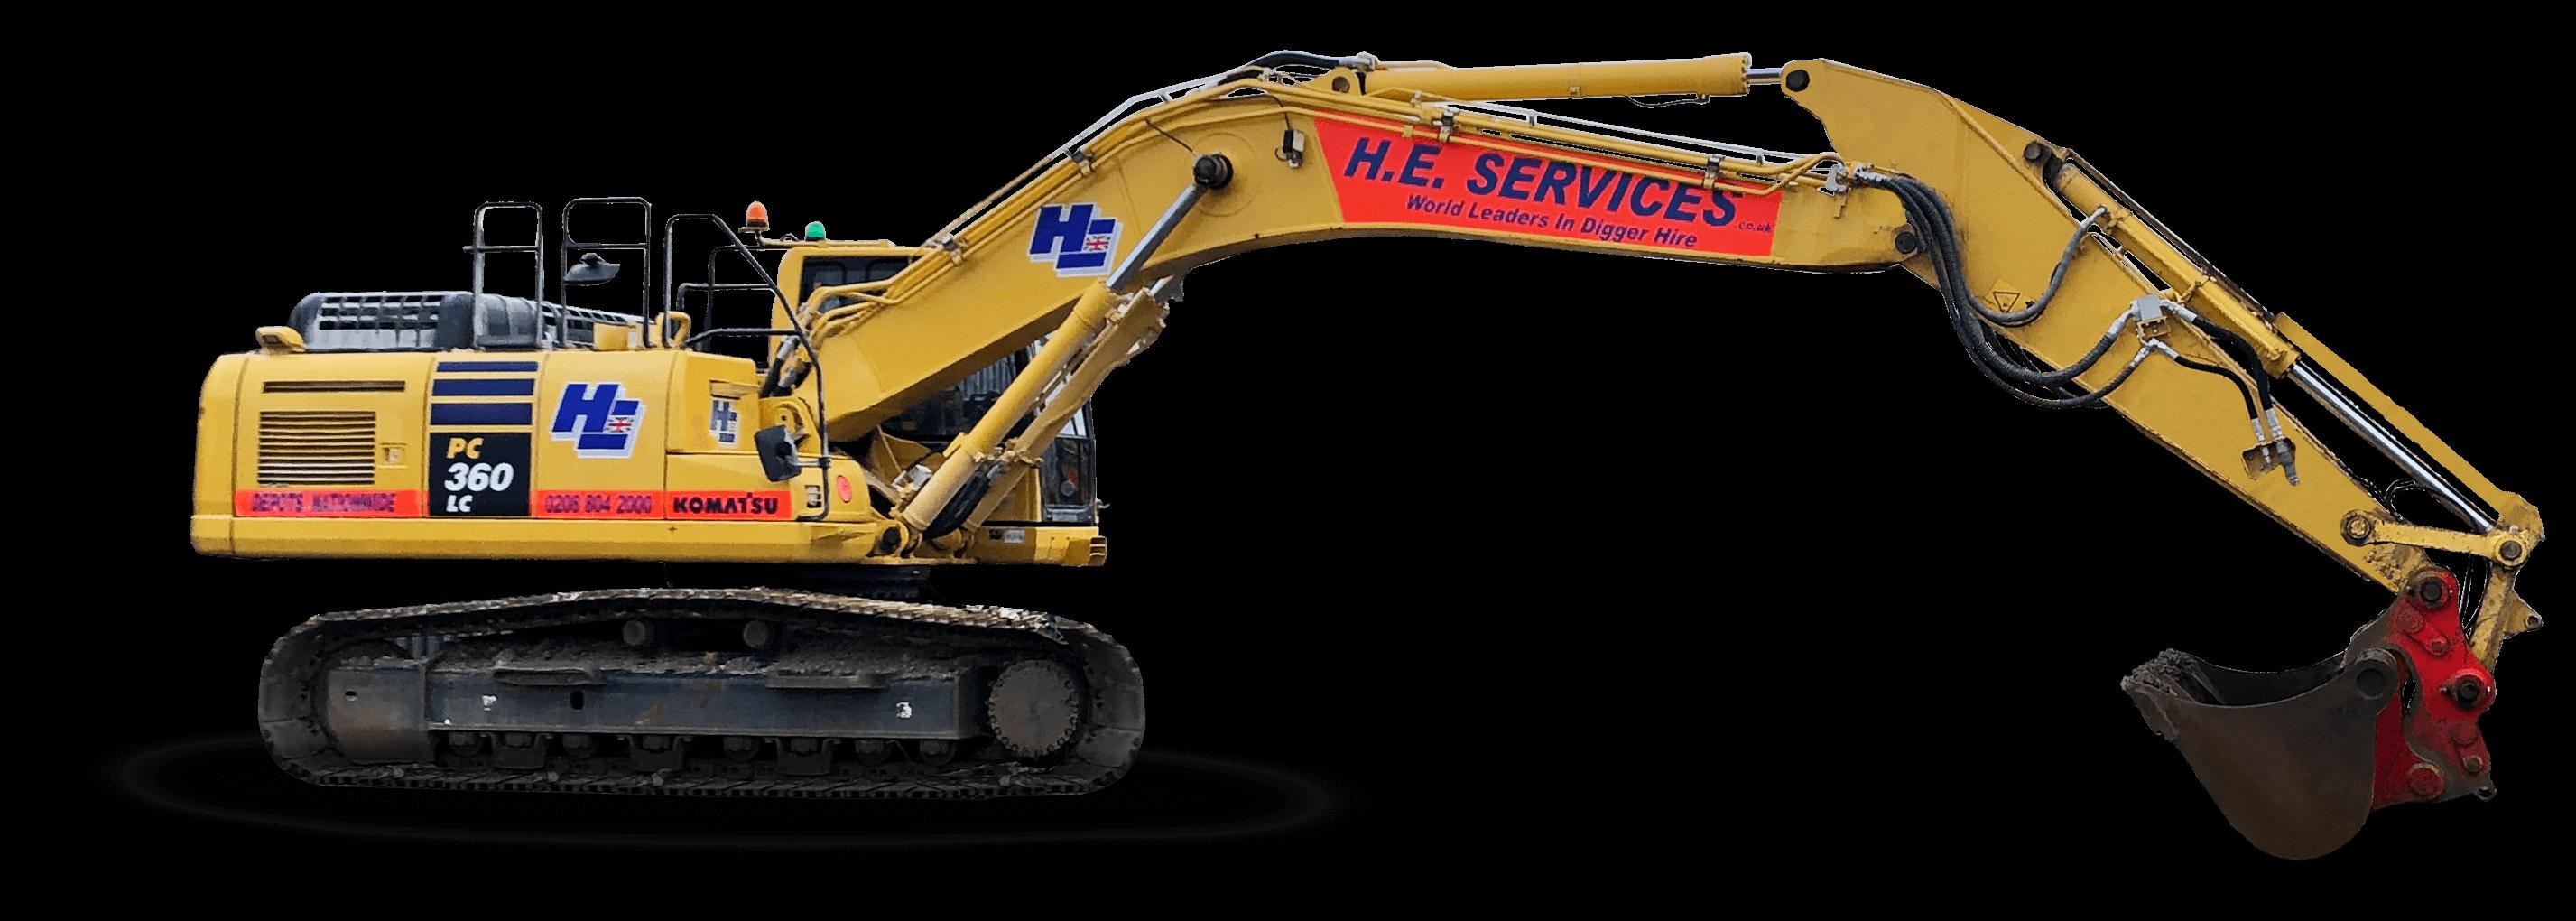 36 Ton excavator hire